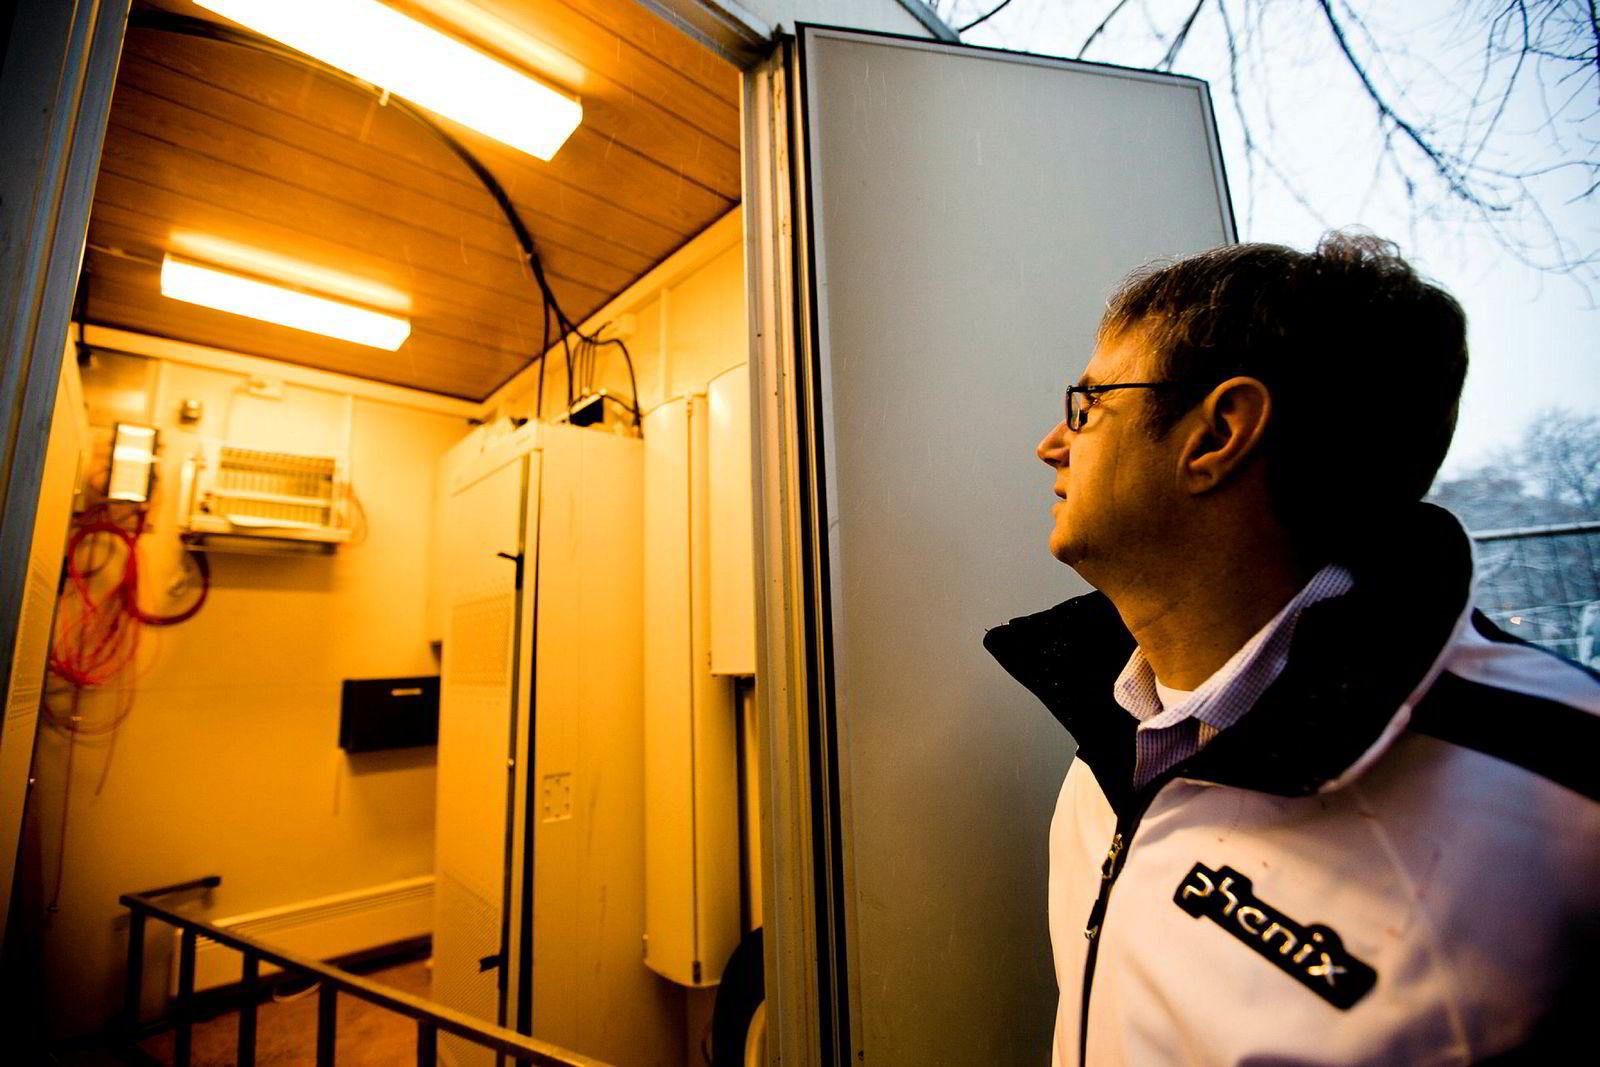 Dekningsdirektør Bjørn Amundsen i Telenor, her ved en inspeksjon i Nordmarka i 2011.